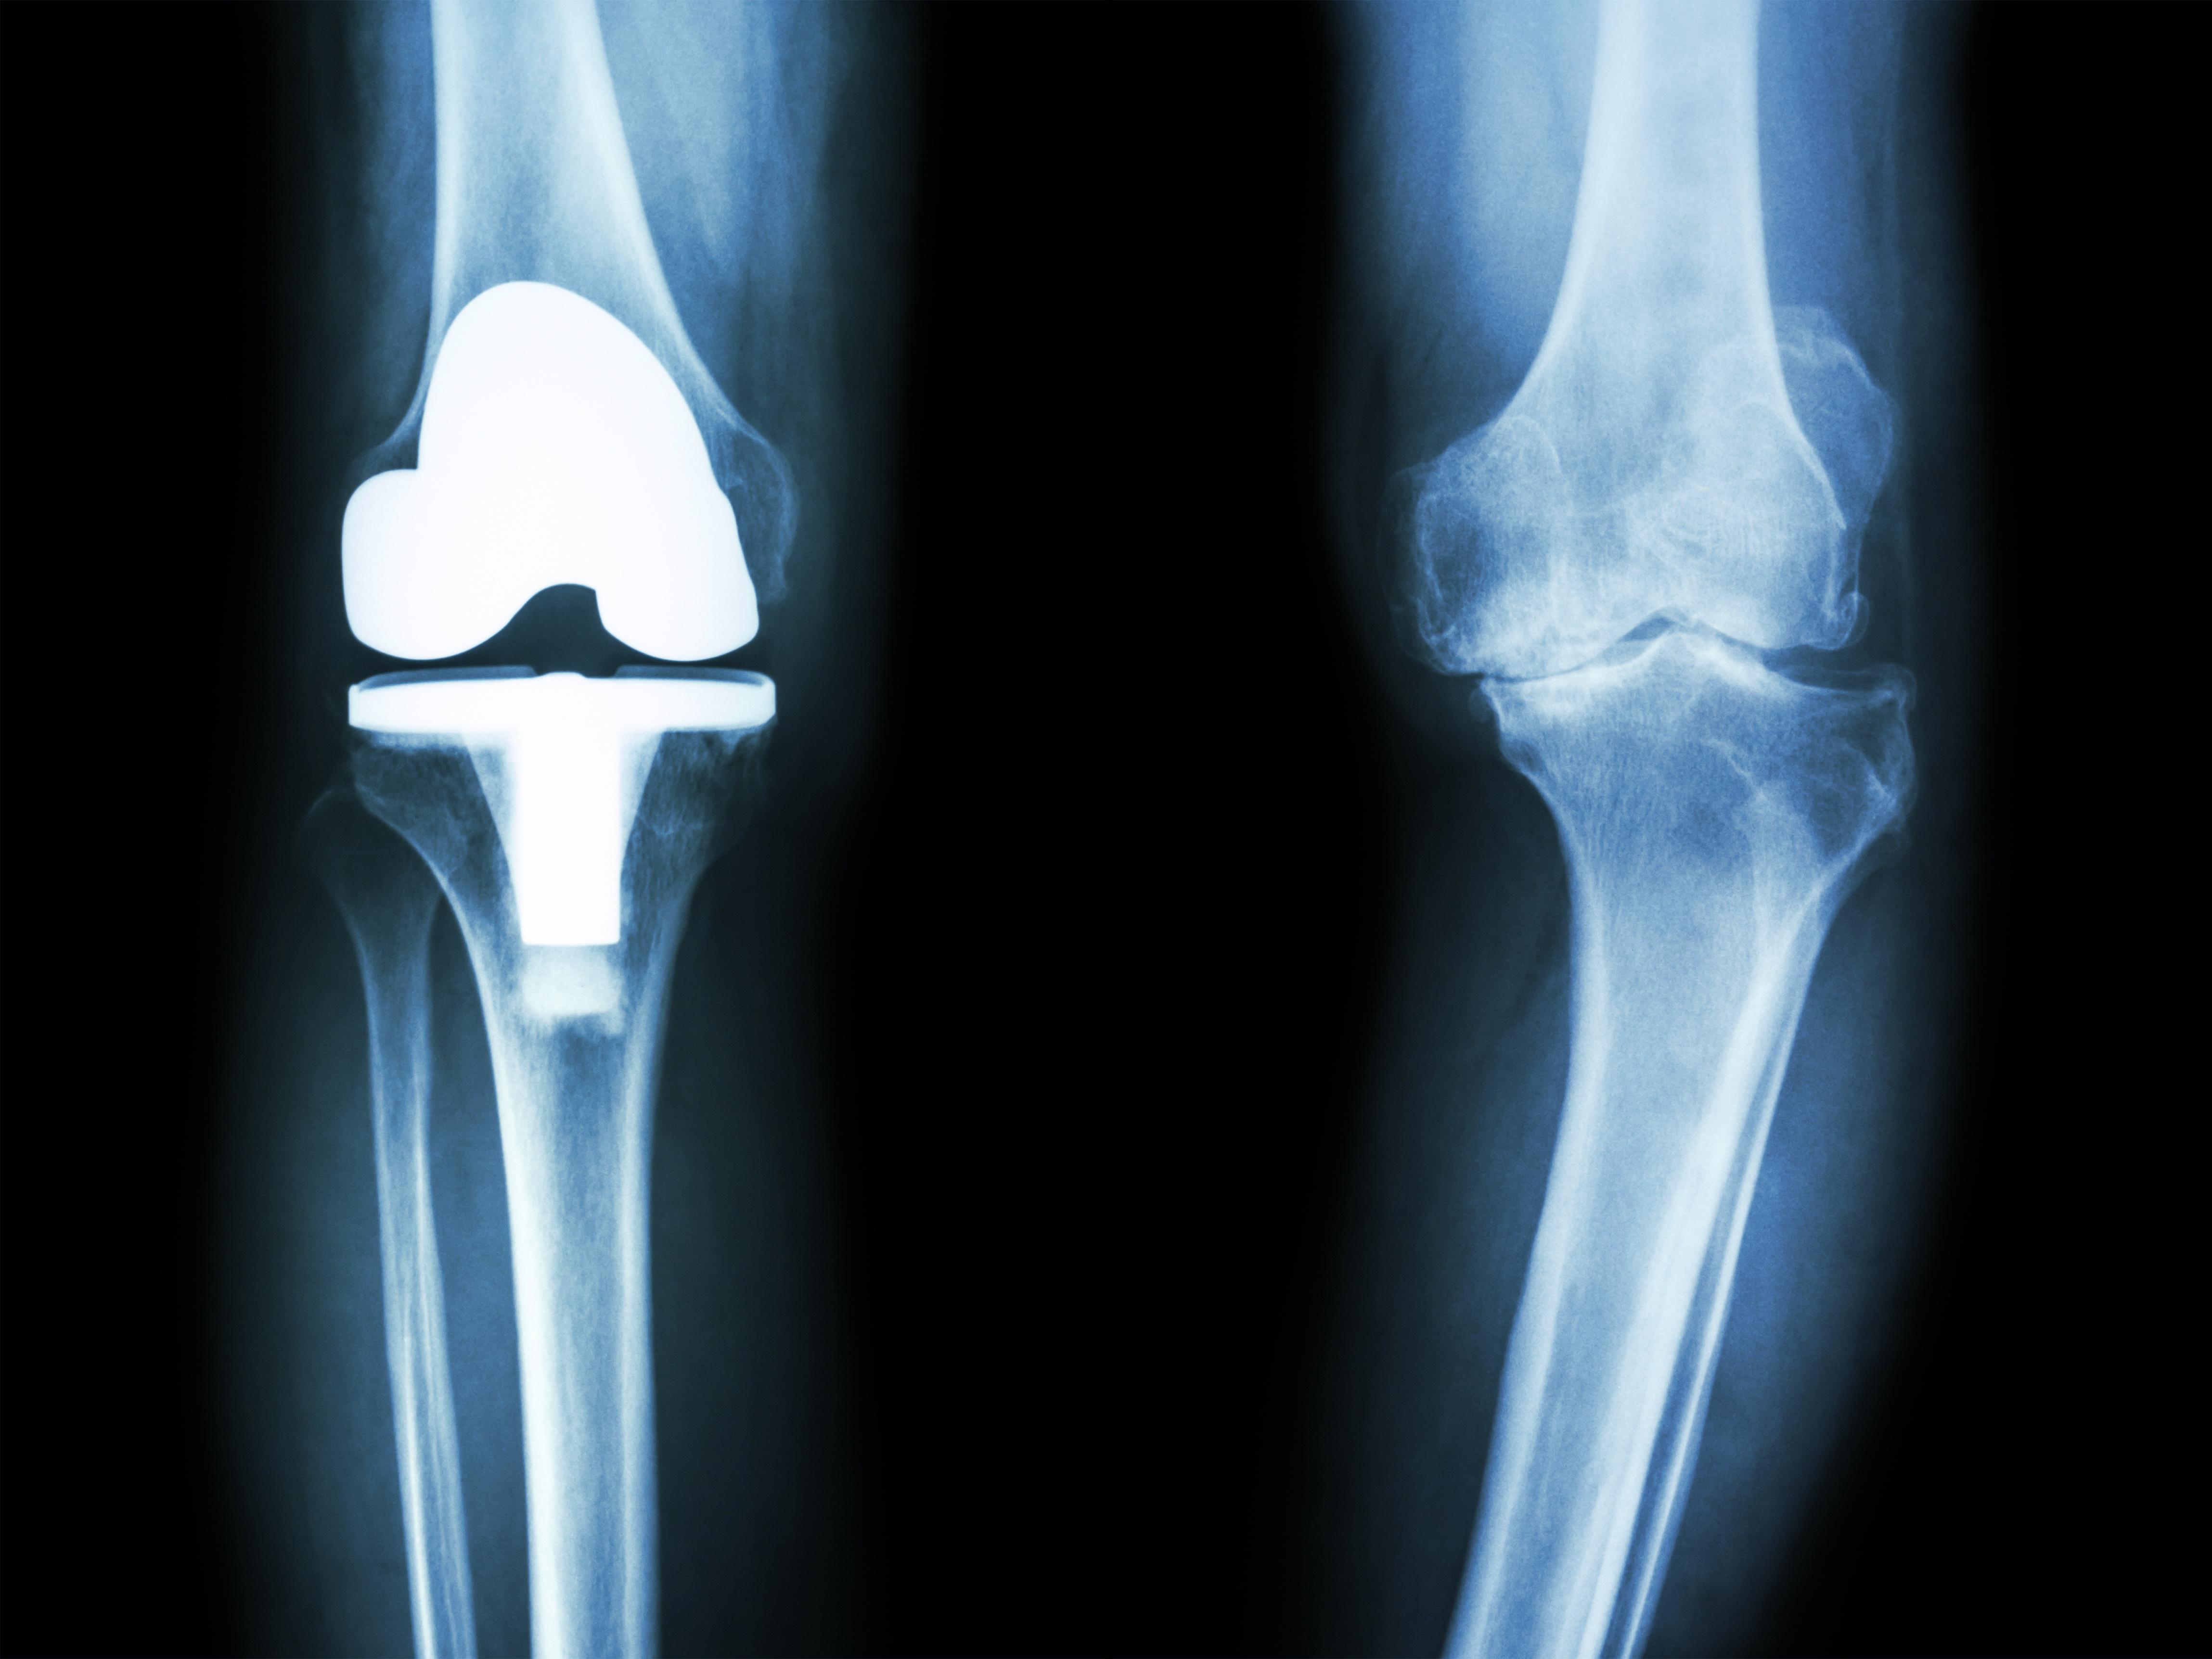 人工膝関節全置換術のレントゲン